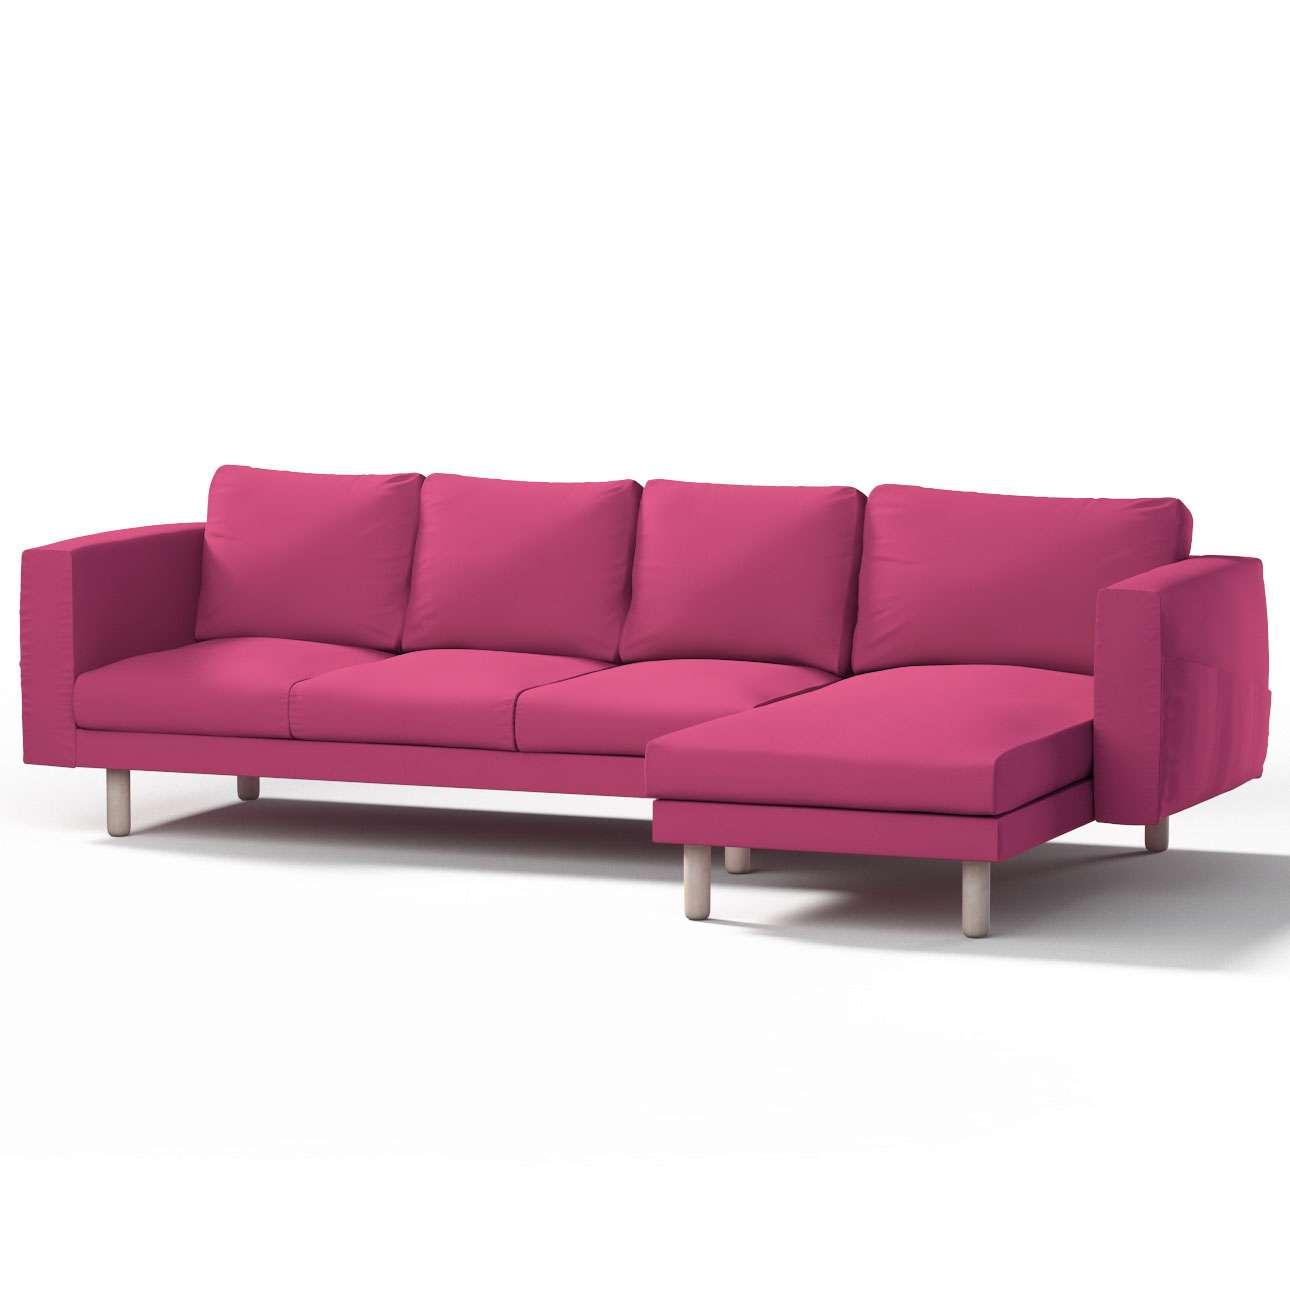 Pokrowiec na sofę Norsborg 4-osobową z szezlongiem w kolekcji Etna, tkanina: 705-23